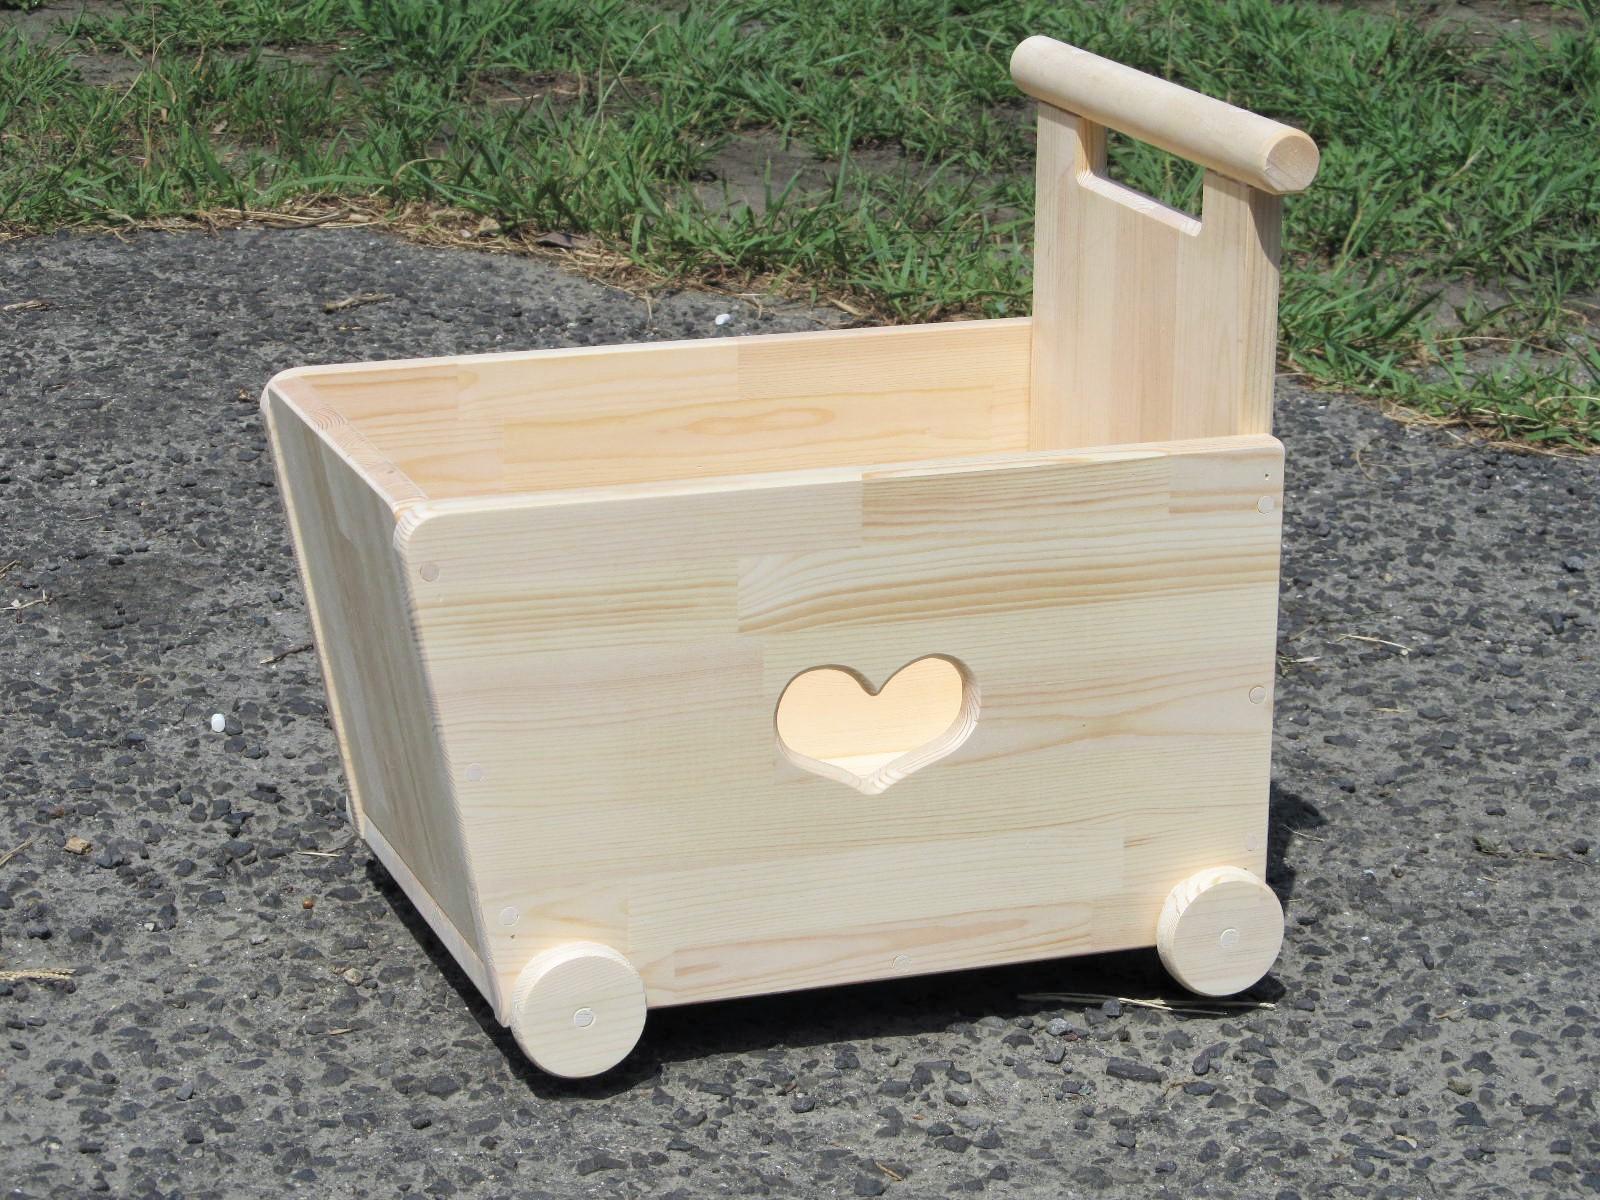 手作り木製 おもちゃも運べる手押し車-1型・片面透かし(透かしの御希望、承ります(^O^)/・木製 知育 手作り 積み木 木のおもちゃ カタカタ 車 手押し車 出産祝い お誕生日